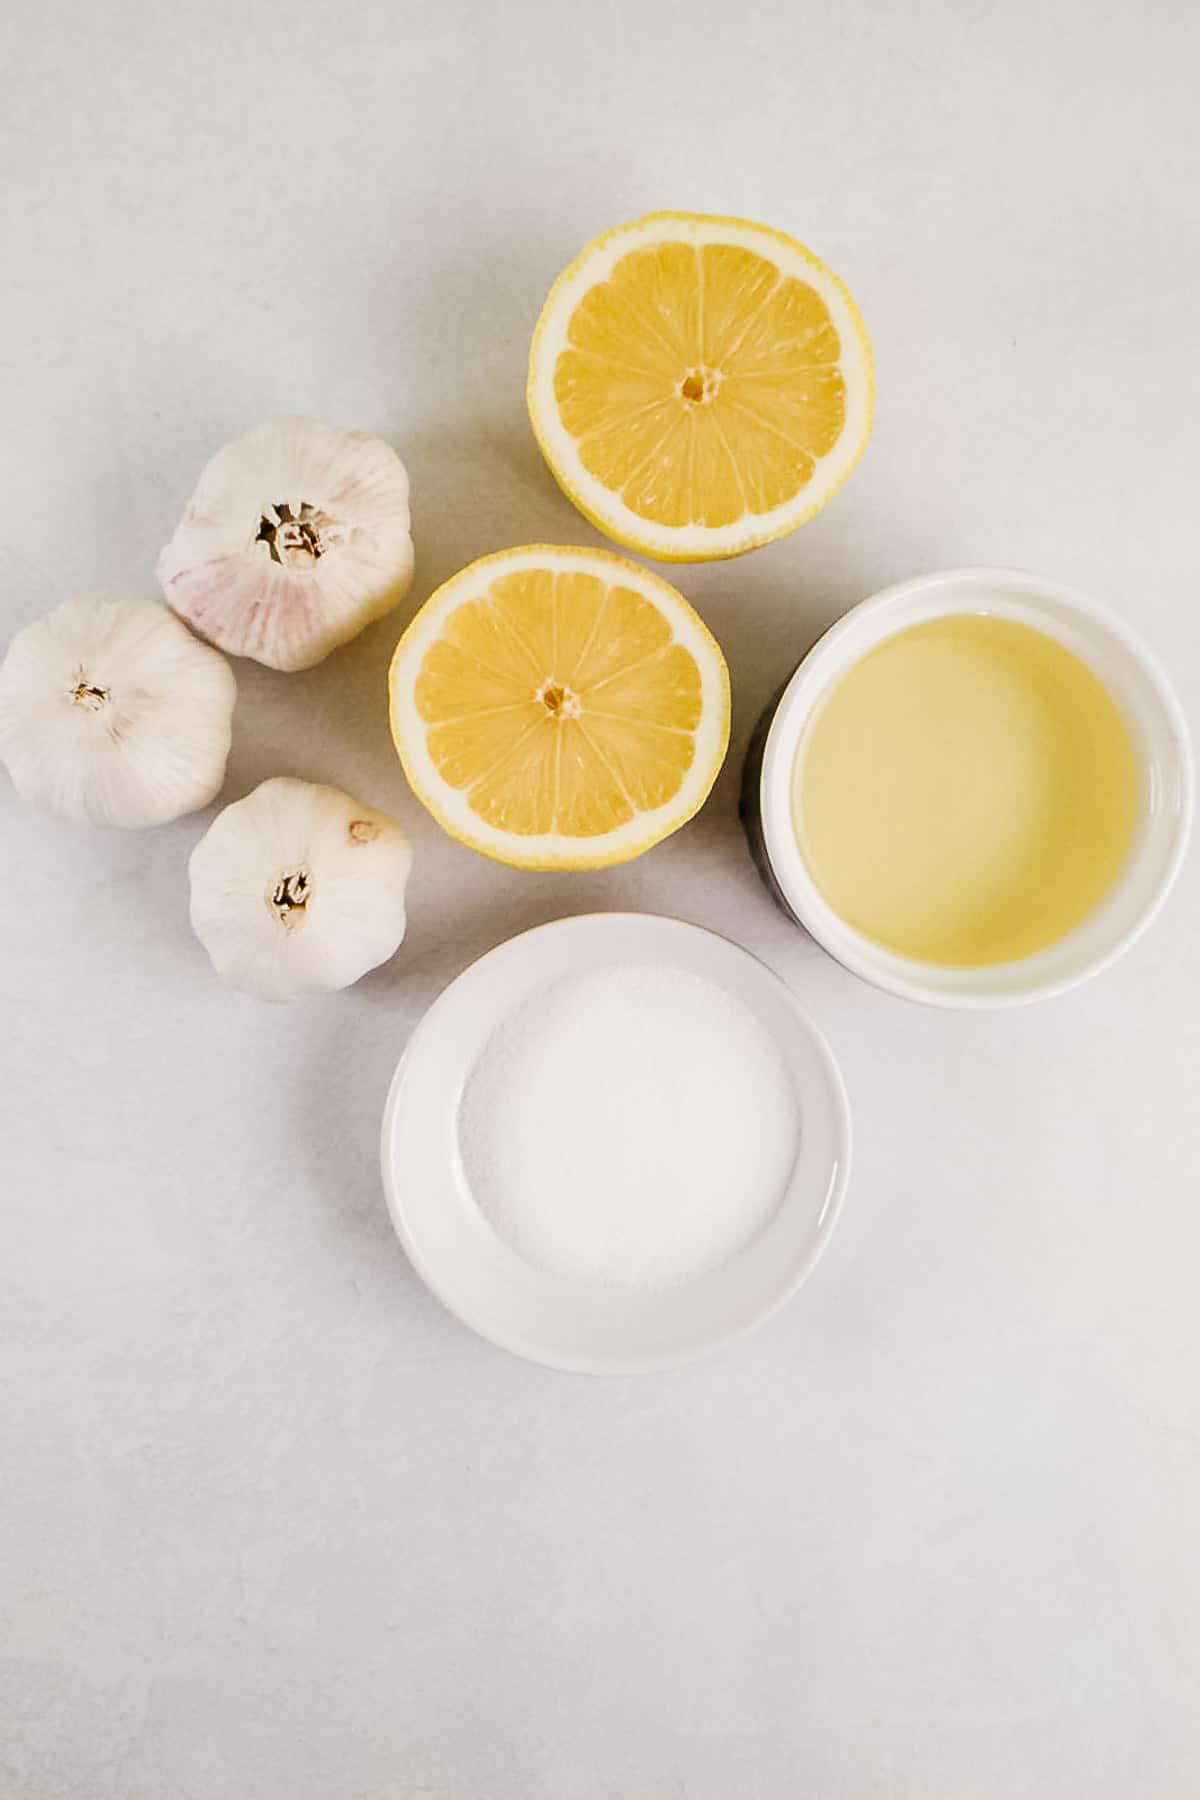 Lemons, Garlic, Oil, and Salt